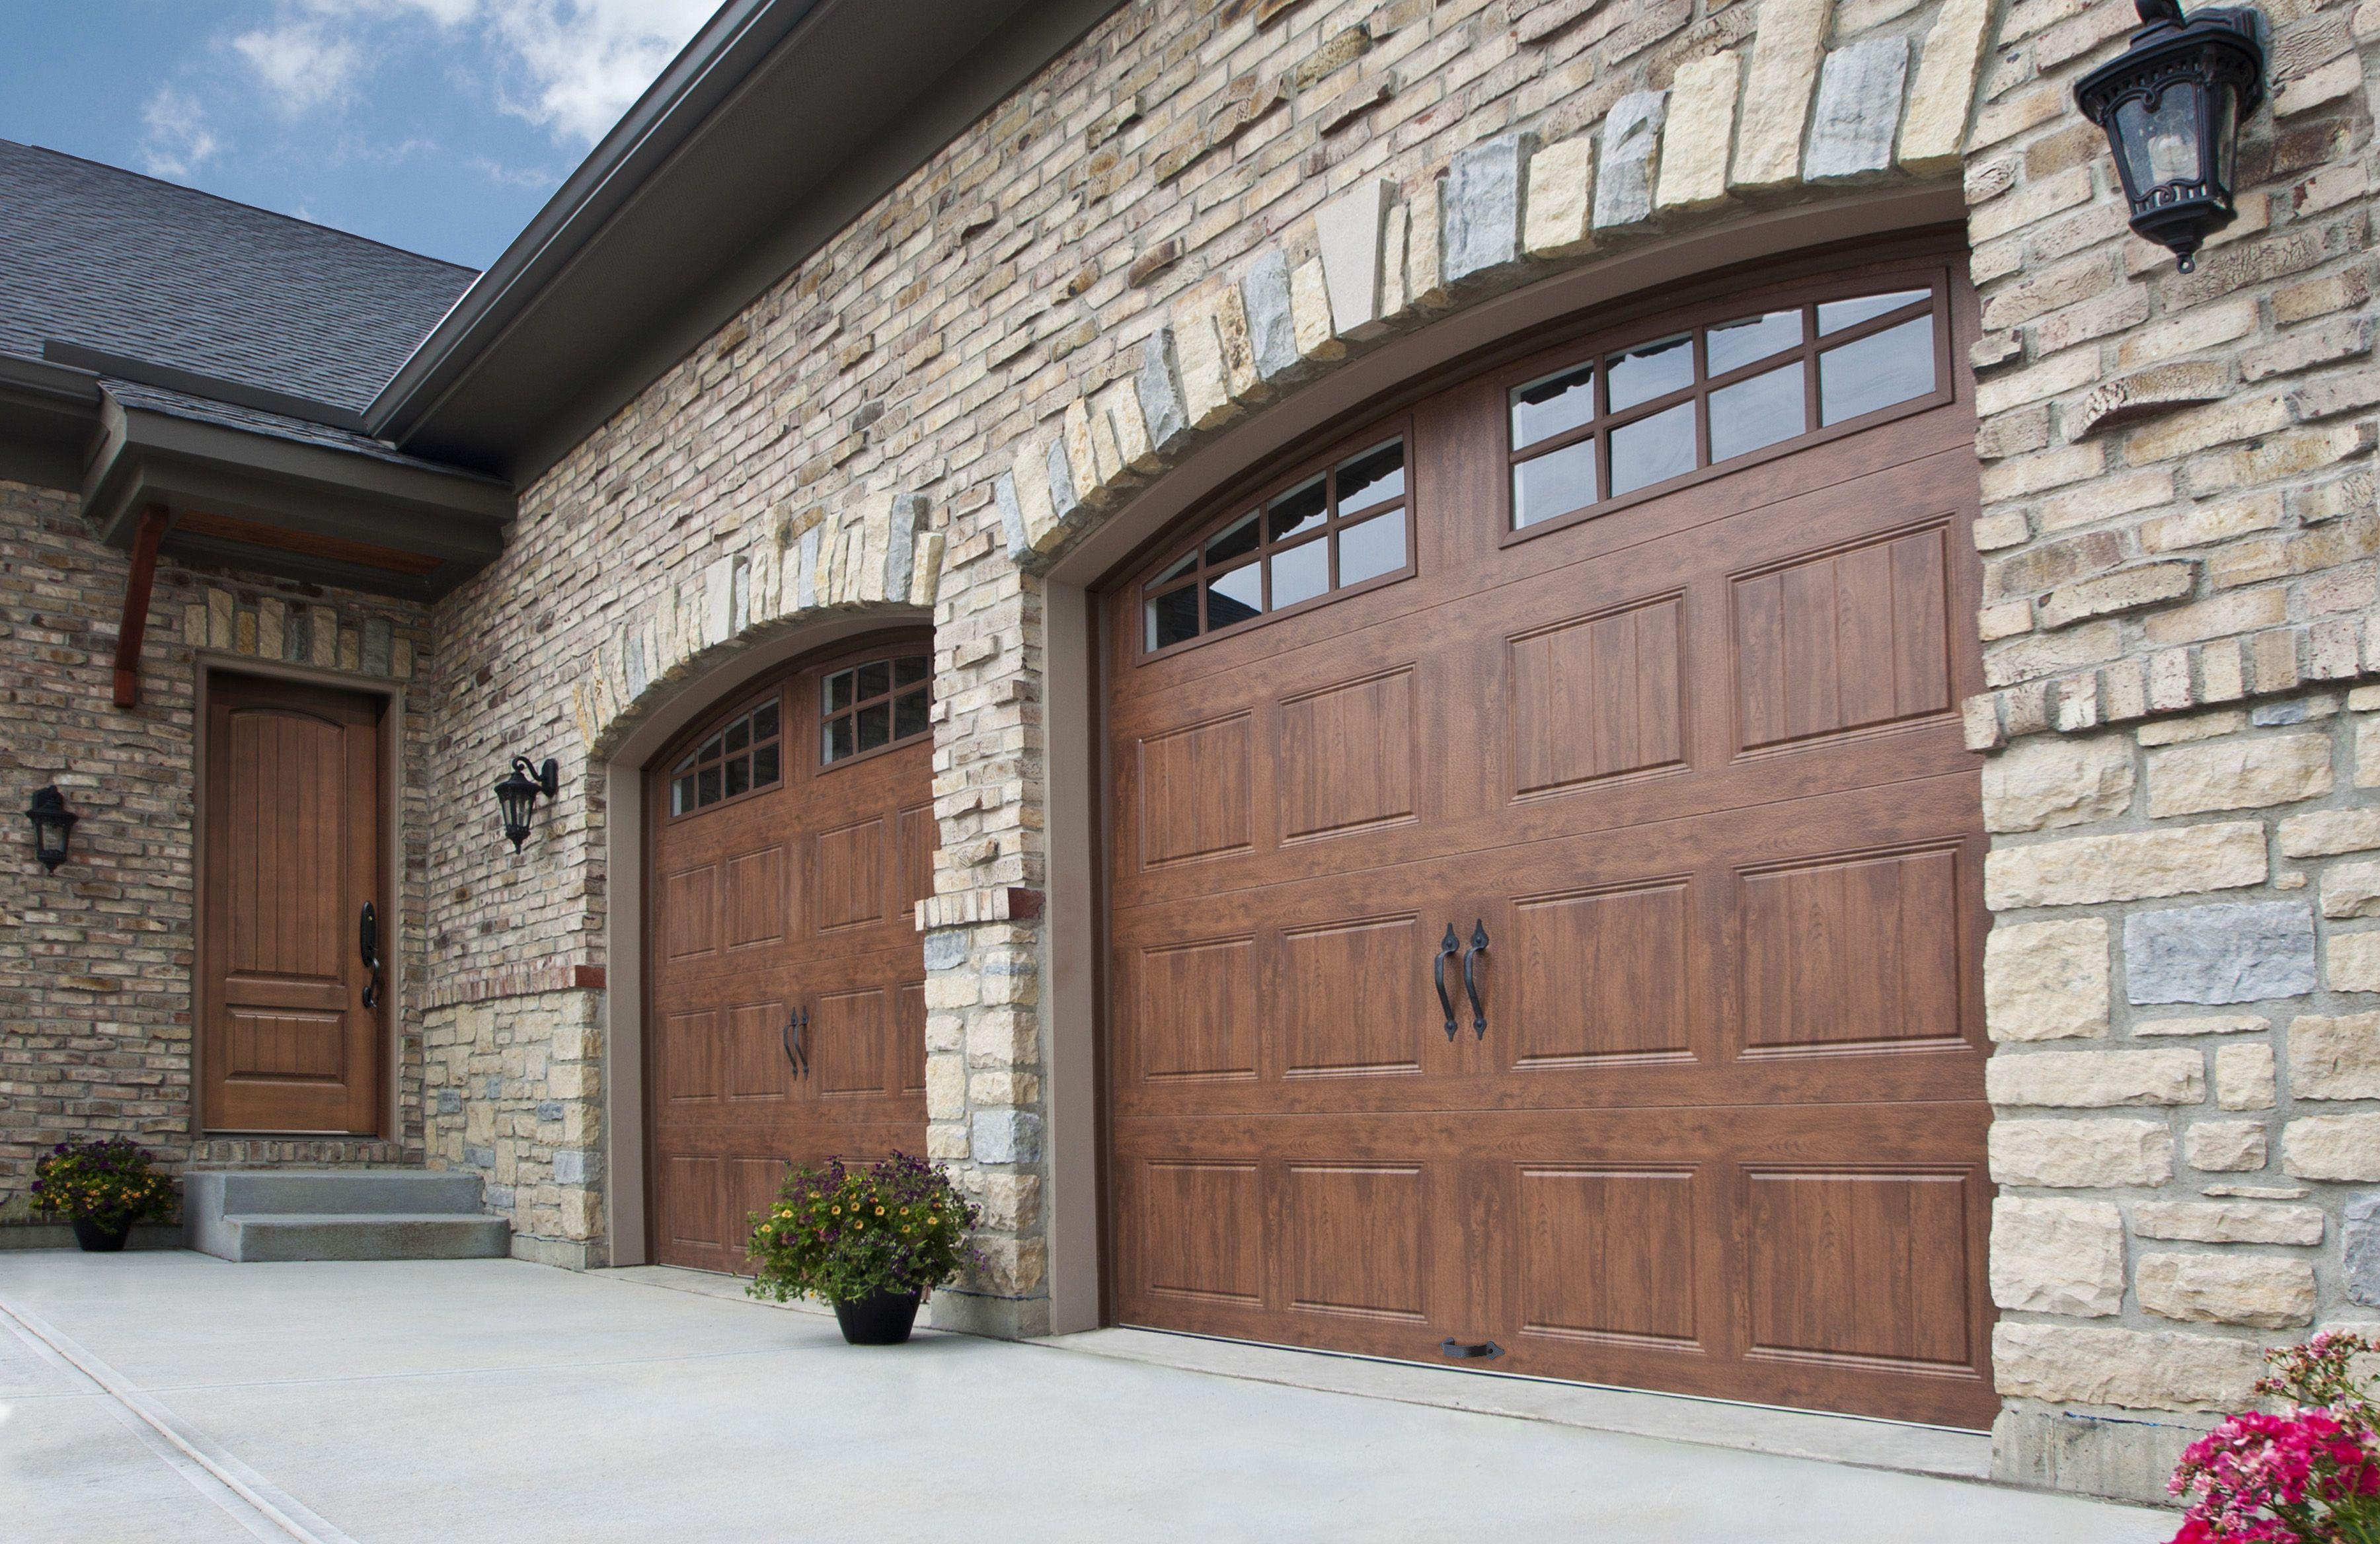 Cost Effective Certified And Garage Door Repair In Sydney Garage Door Styles Carriage House Garage Doors Garage Doors